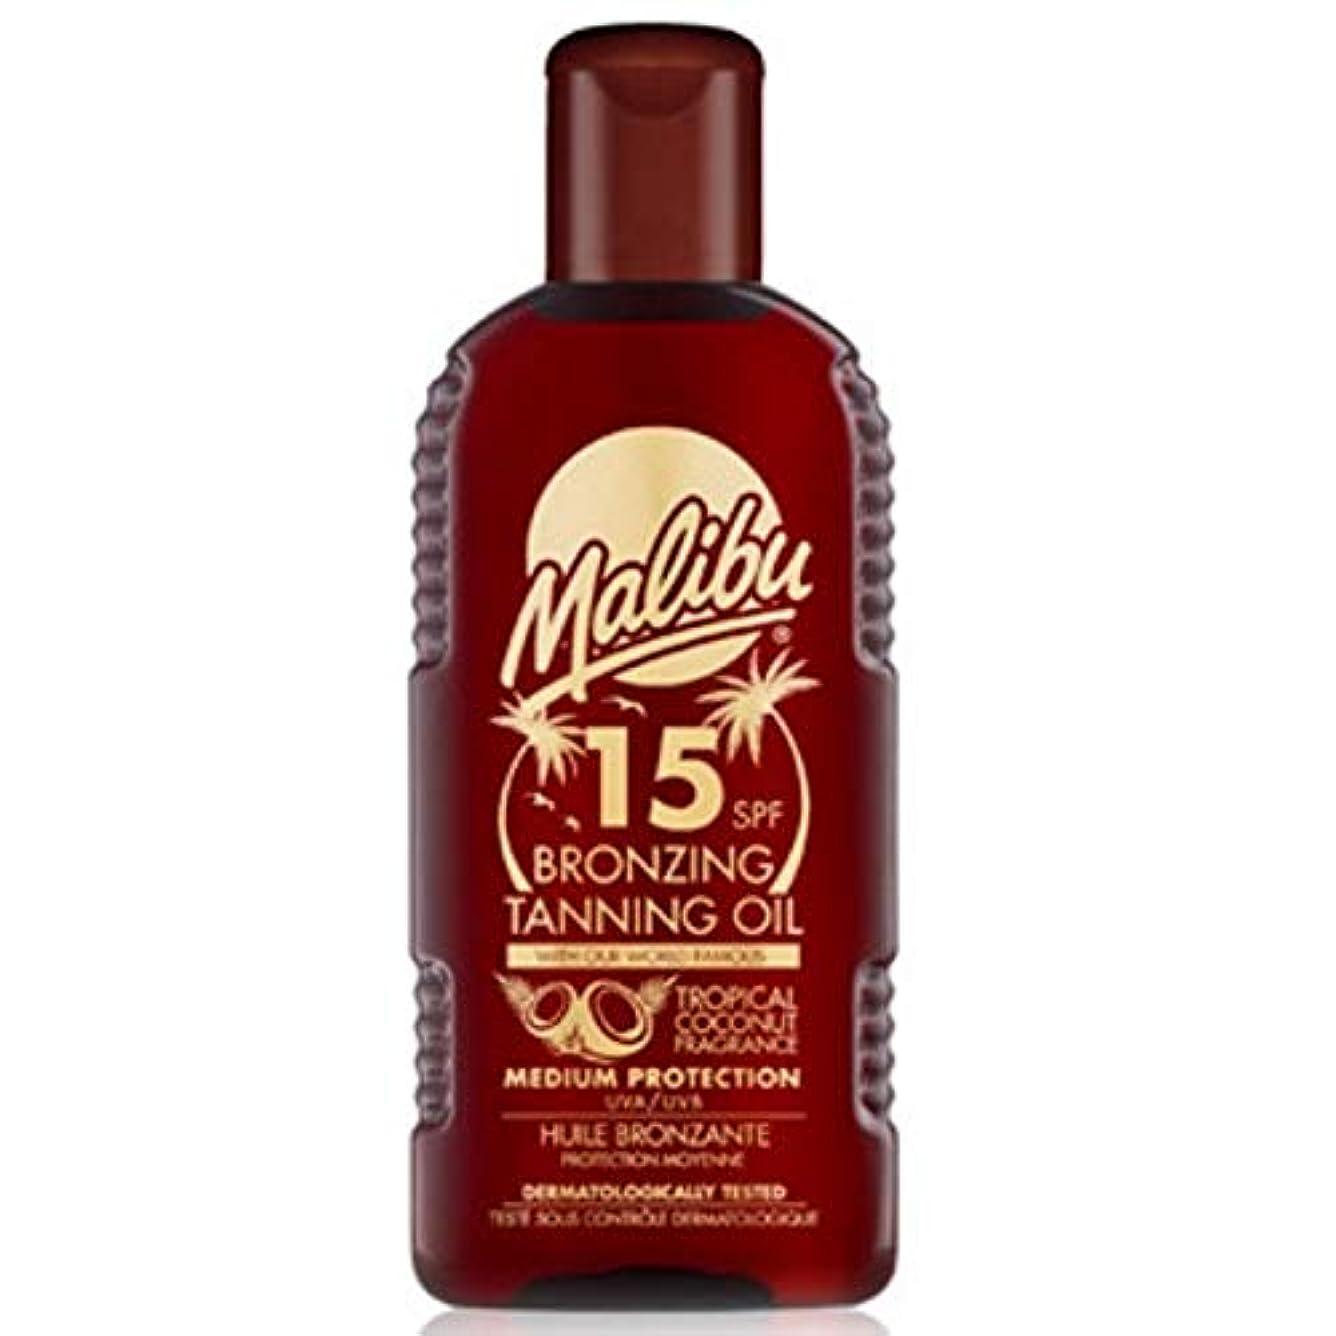 卒業コンテスト悲惨な[Malibu ] マリブブロンズ日焼けオイルSpf 15 - Malibu Bronzing Tanning Oil SPF 15 [並行輸入品]